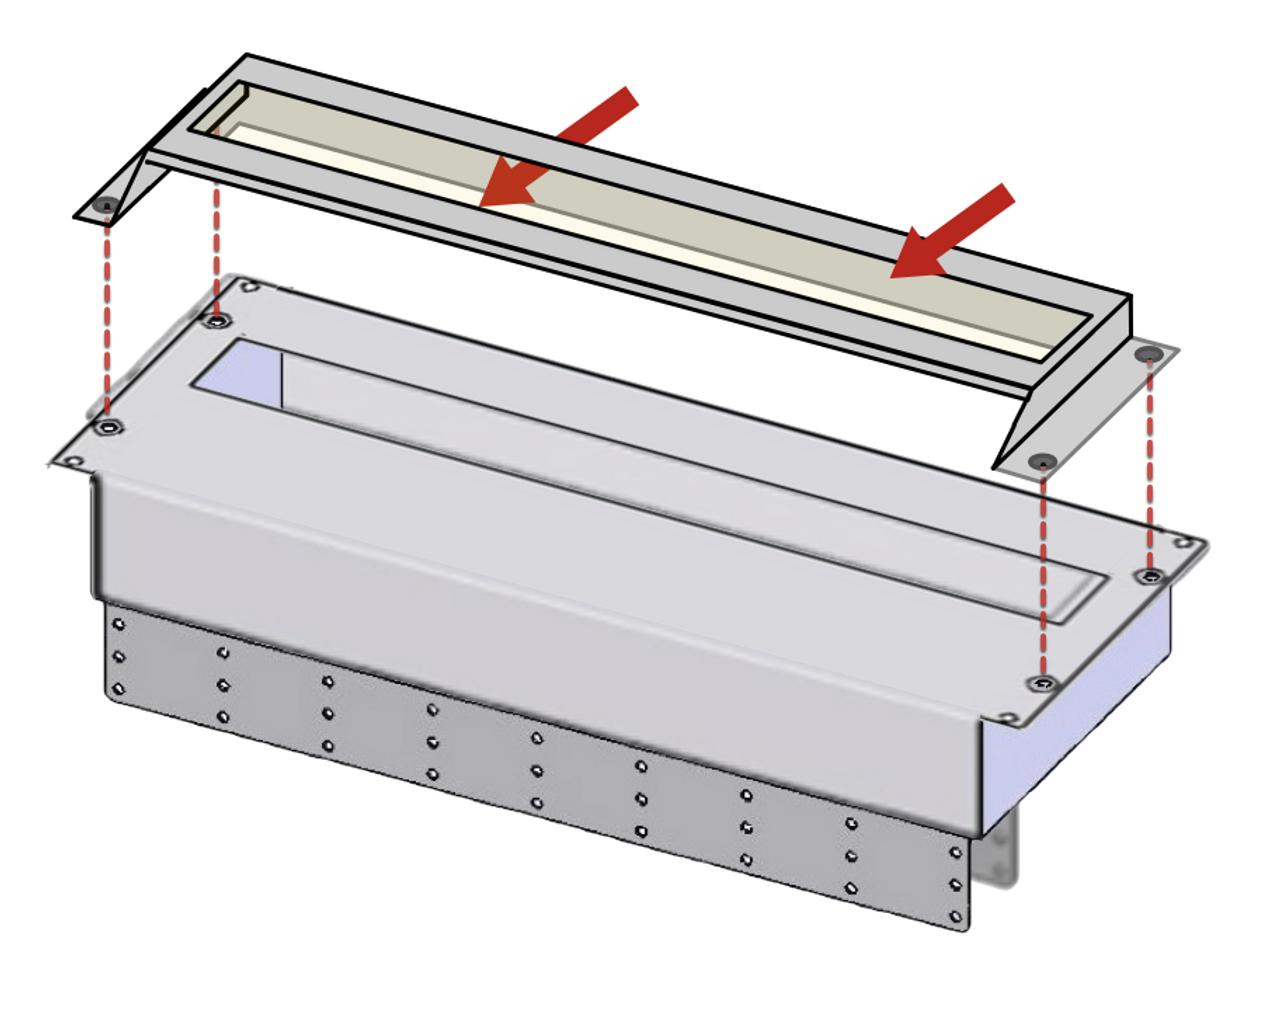 Easy installation - Showing 4RU unit